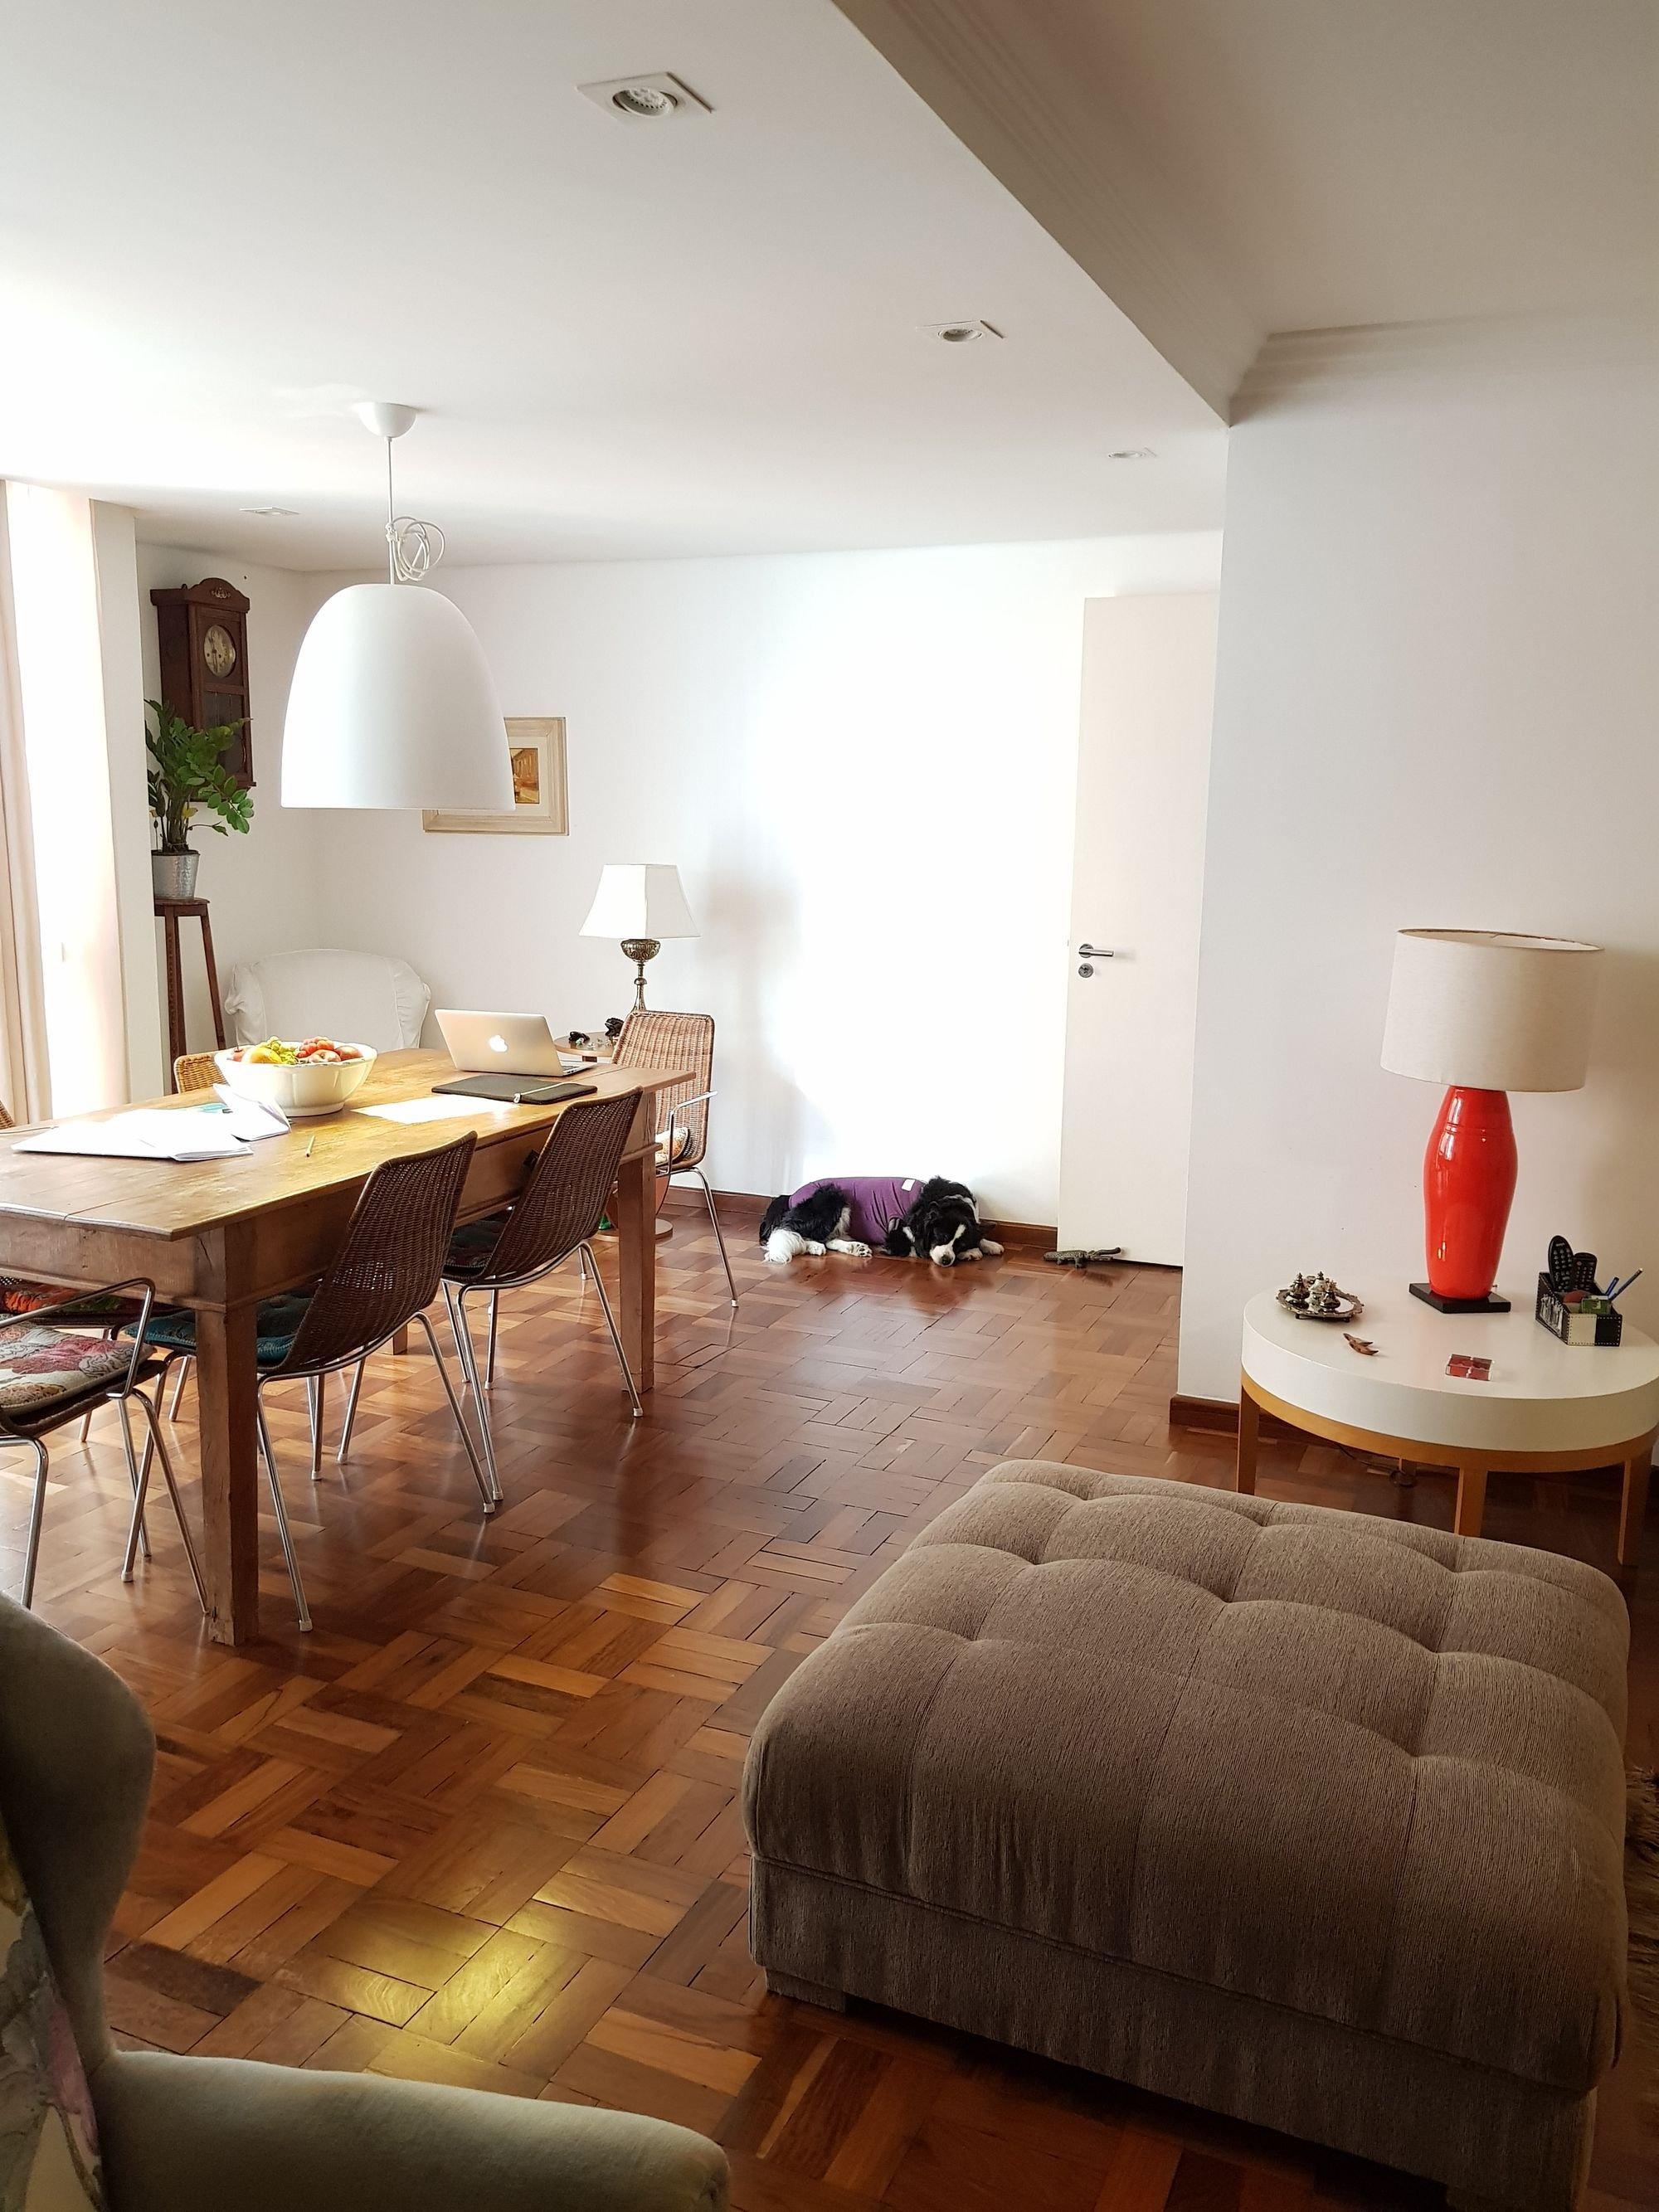 Foto de Sala com vaso de planta, sofá, tigela, computador portátil, cadeira